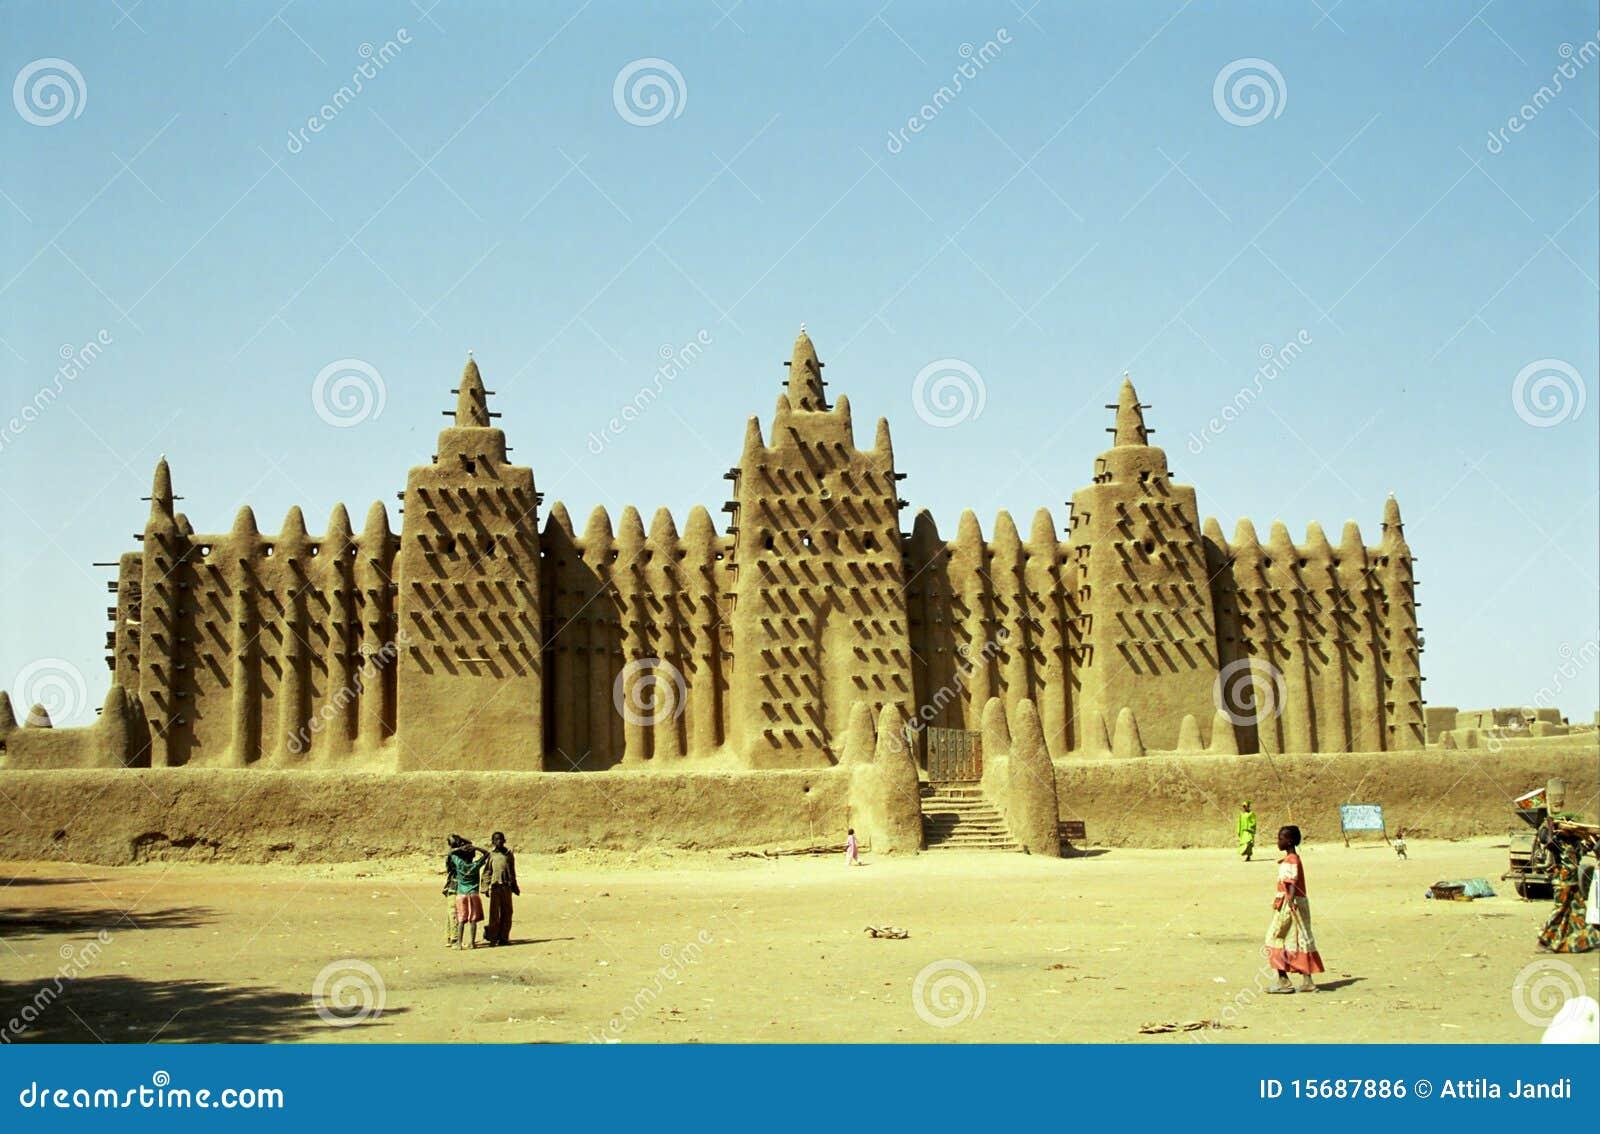 Mezquita del fango, Djenne, Malí